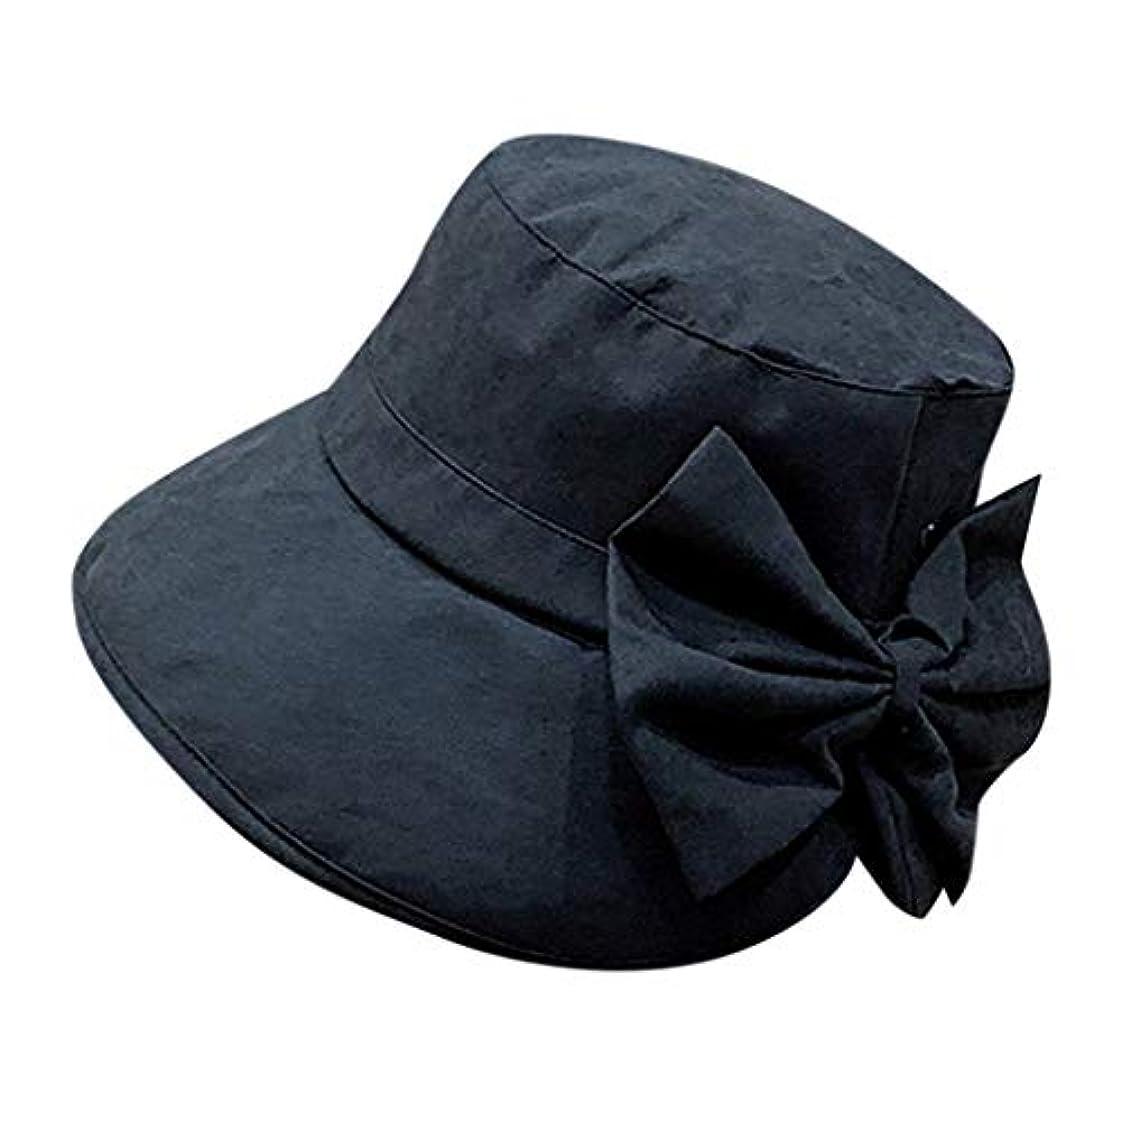 不測の事態大臣リーチ女性 帽子 レディース UVカット ハット女の子 つば広い 漁師帽 女優帽 小顔効果 紫外線 対策 レディース 蝶結び UV 加工 リボン ハット ビーチ 日よけ テント ビーチサンダル ベレー帽 ROSE ROMAN